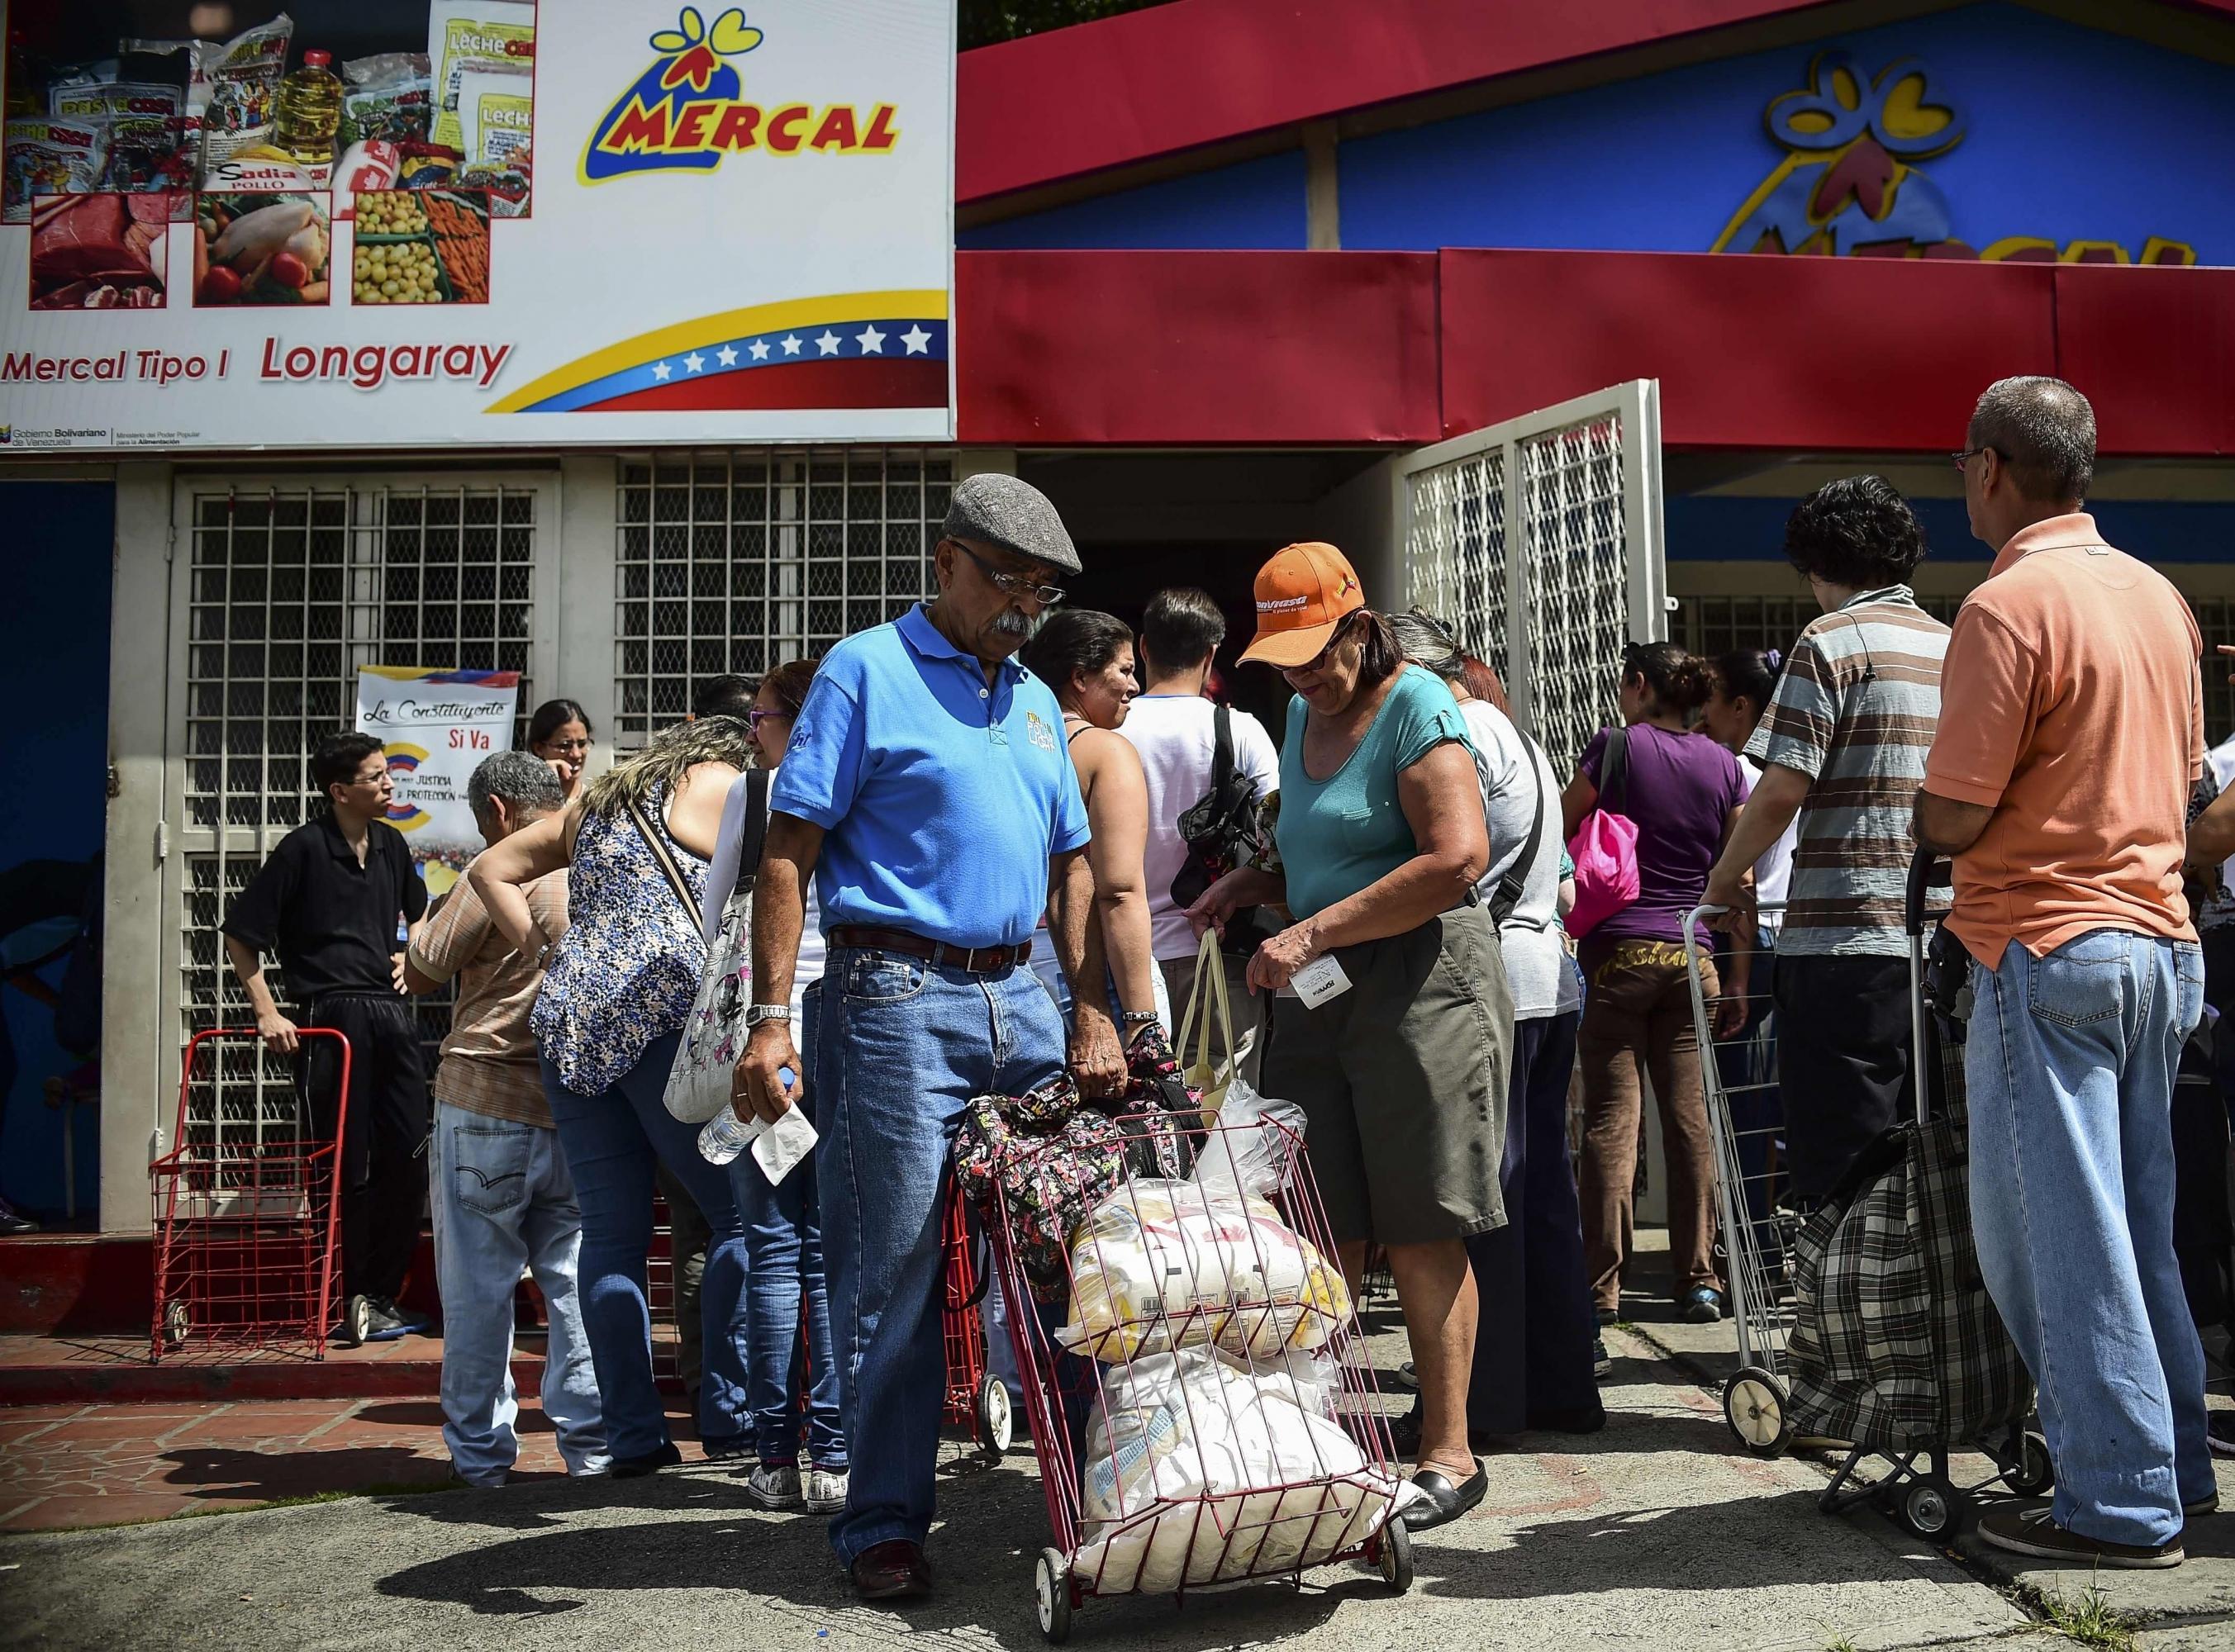 Tesoro de EE.UU. dice que Venezuela usa comida subsidiada para lavar activos. (Foto: AFP)